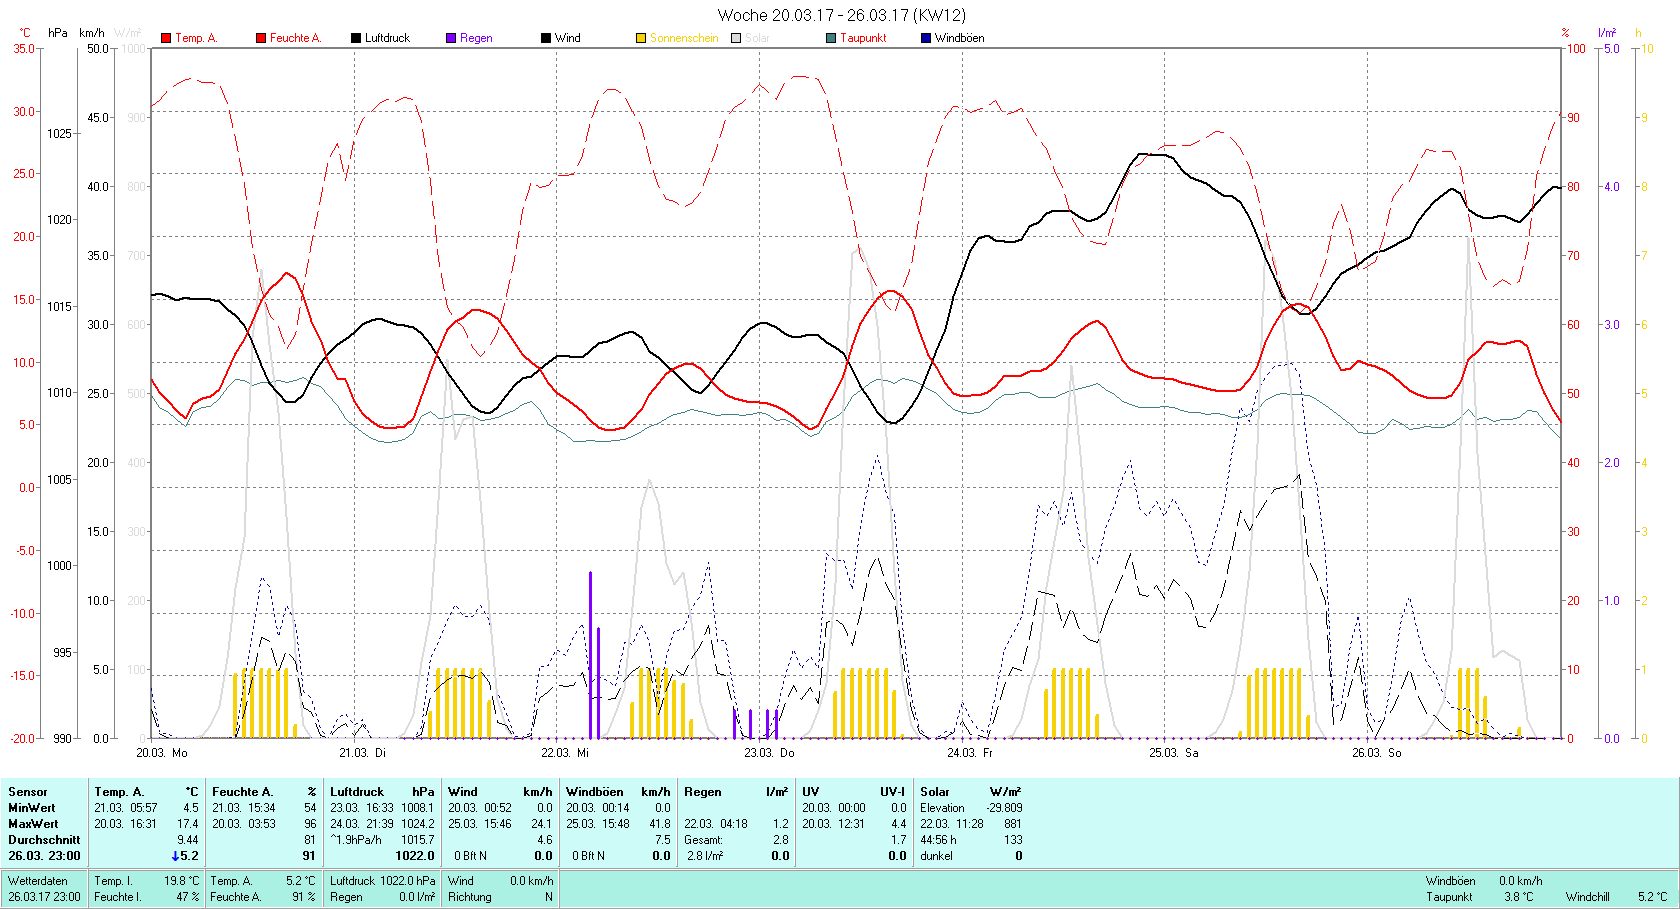 KW 12 Tmin 4.5°C, Tmax 17.4°C, Sonne 44:56h, Niederschlag 2.8mm/2